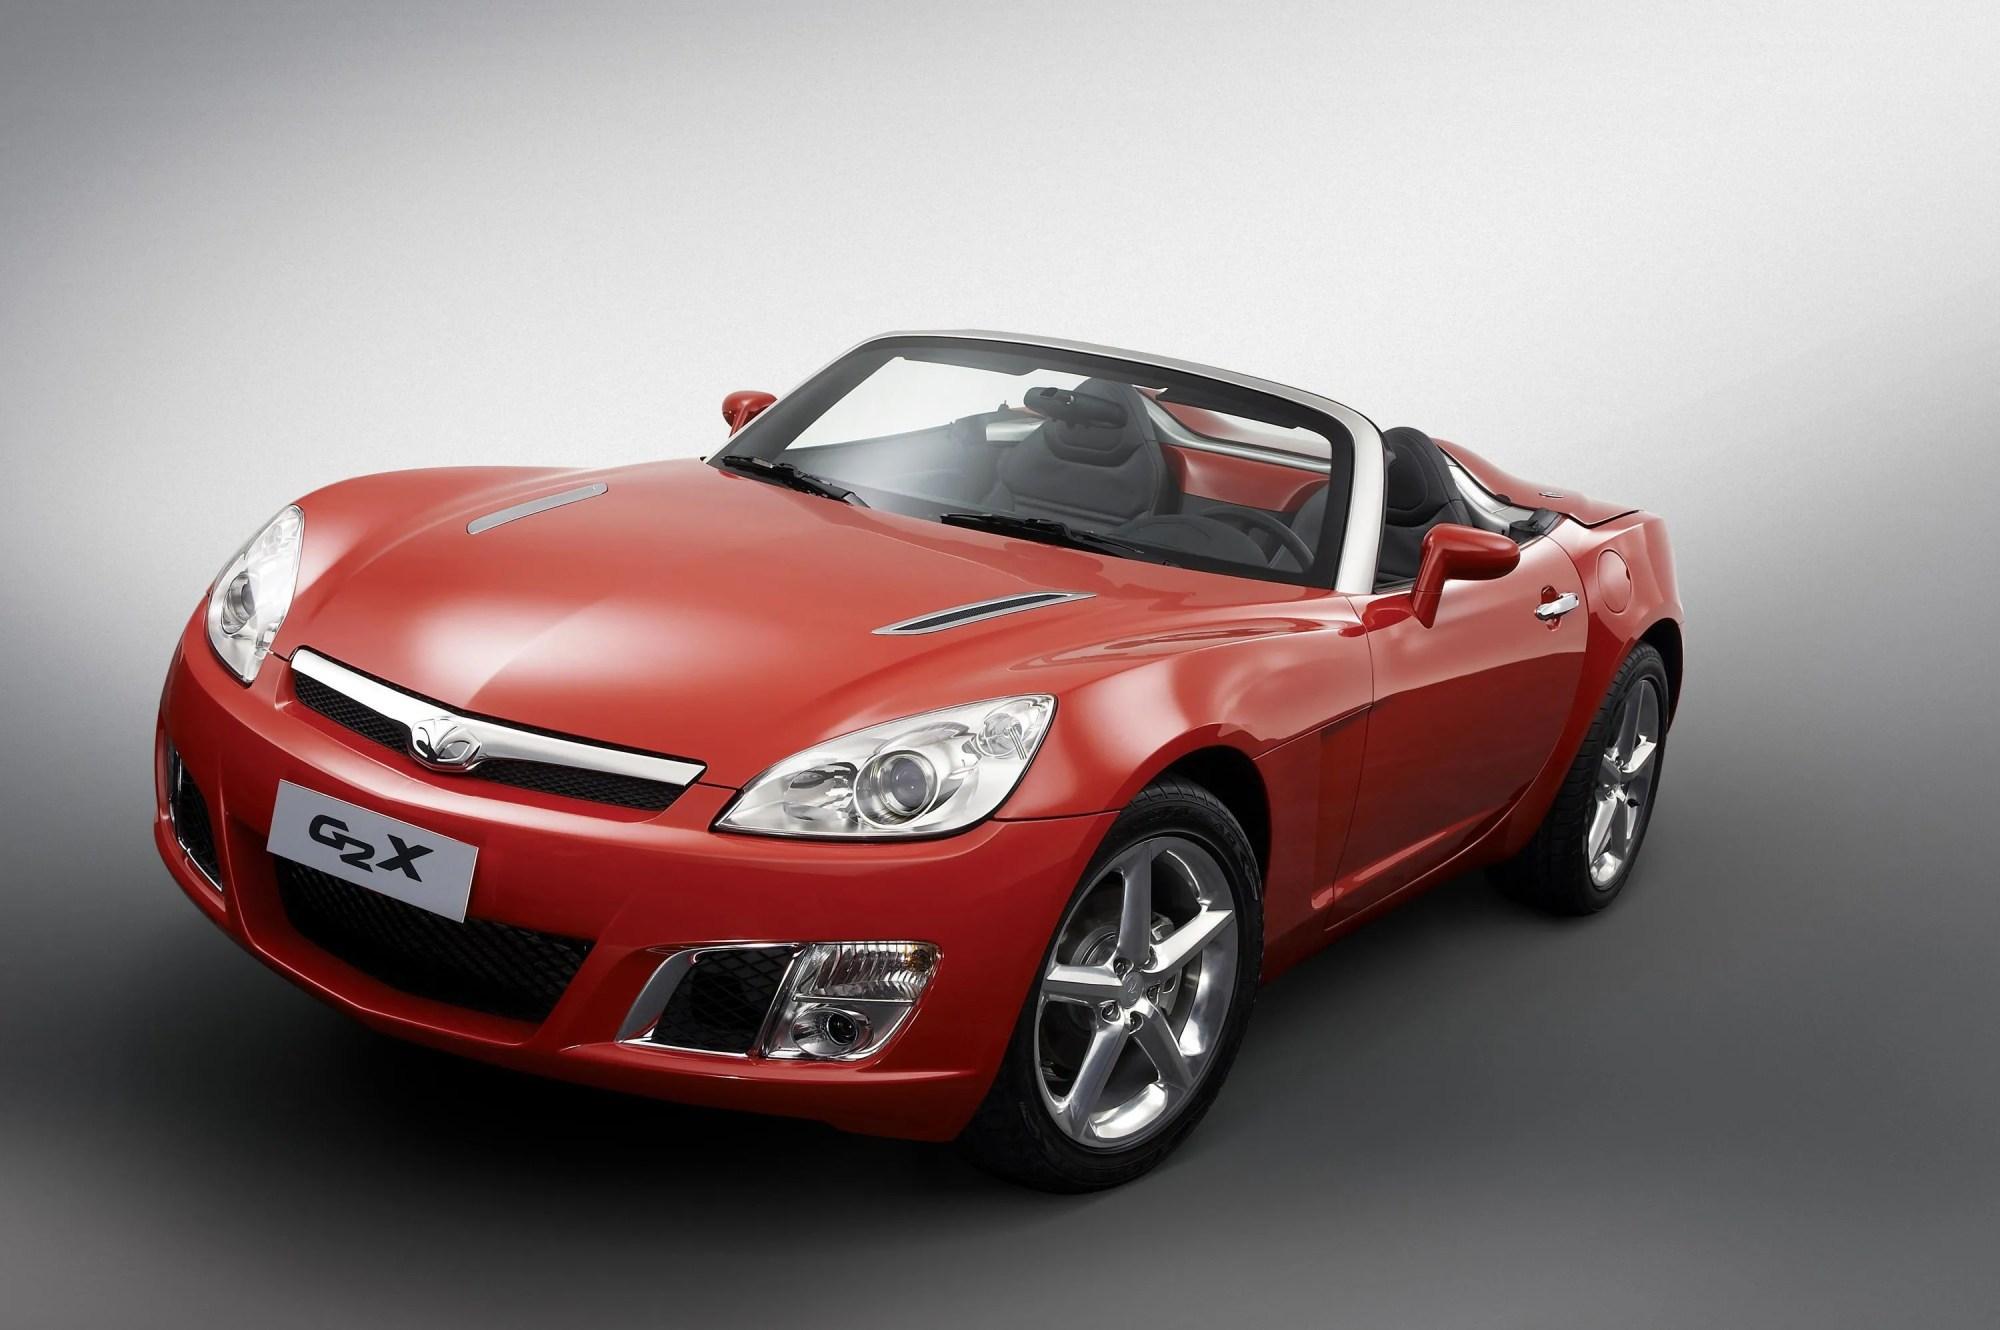 hight resolution of 2007 daewoo g2x top speed